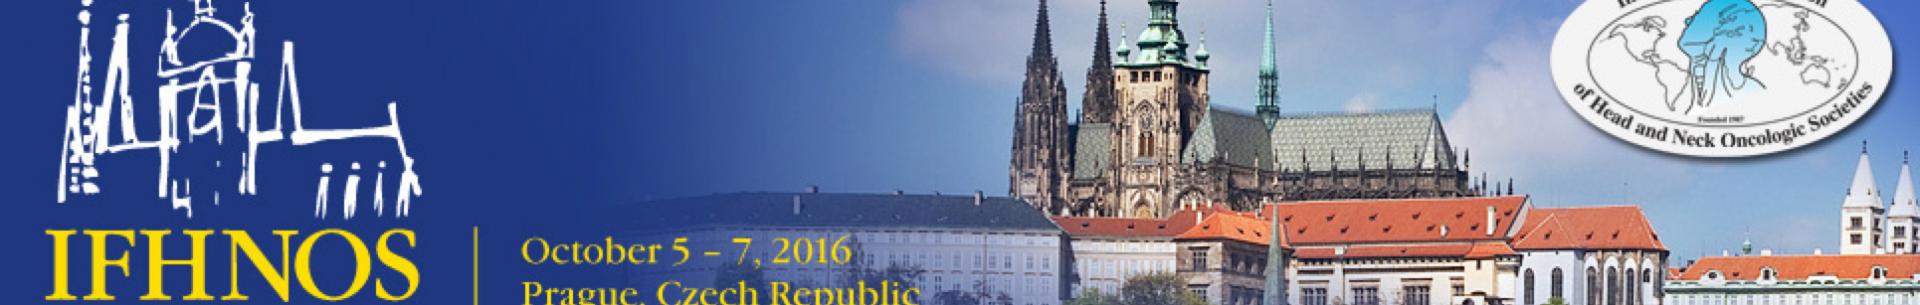 Registrace na IFHNOS World Tour 2016 vPraze